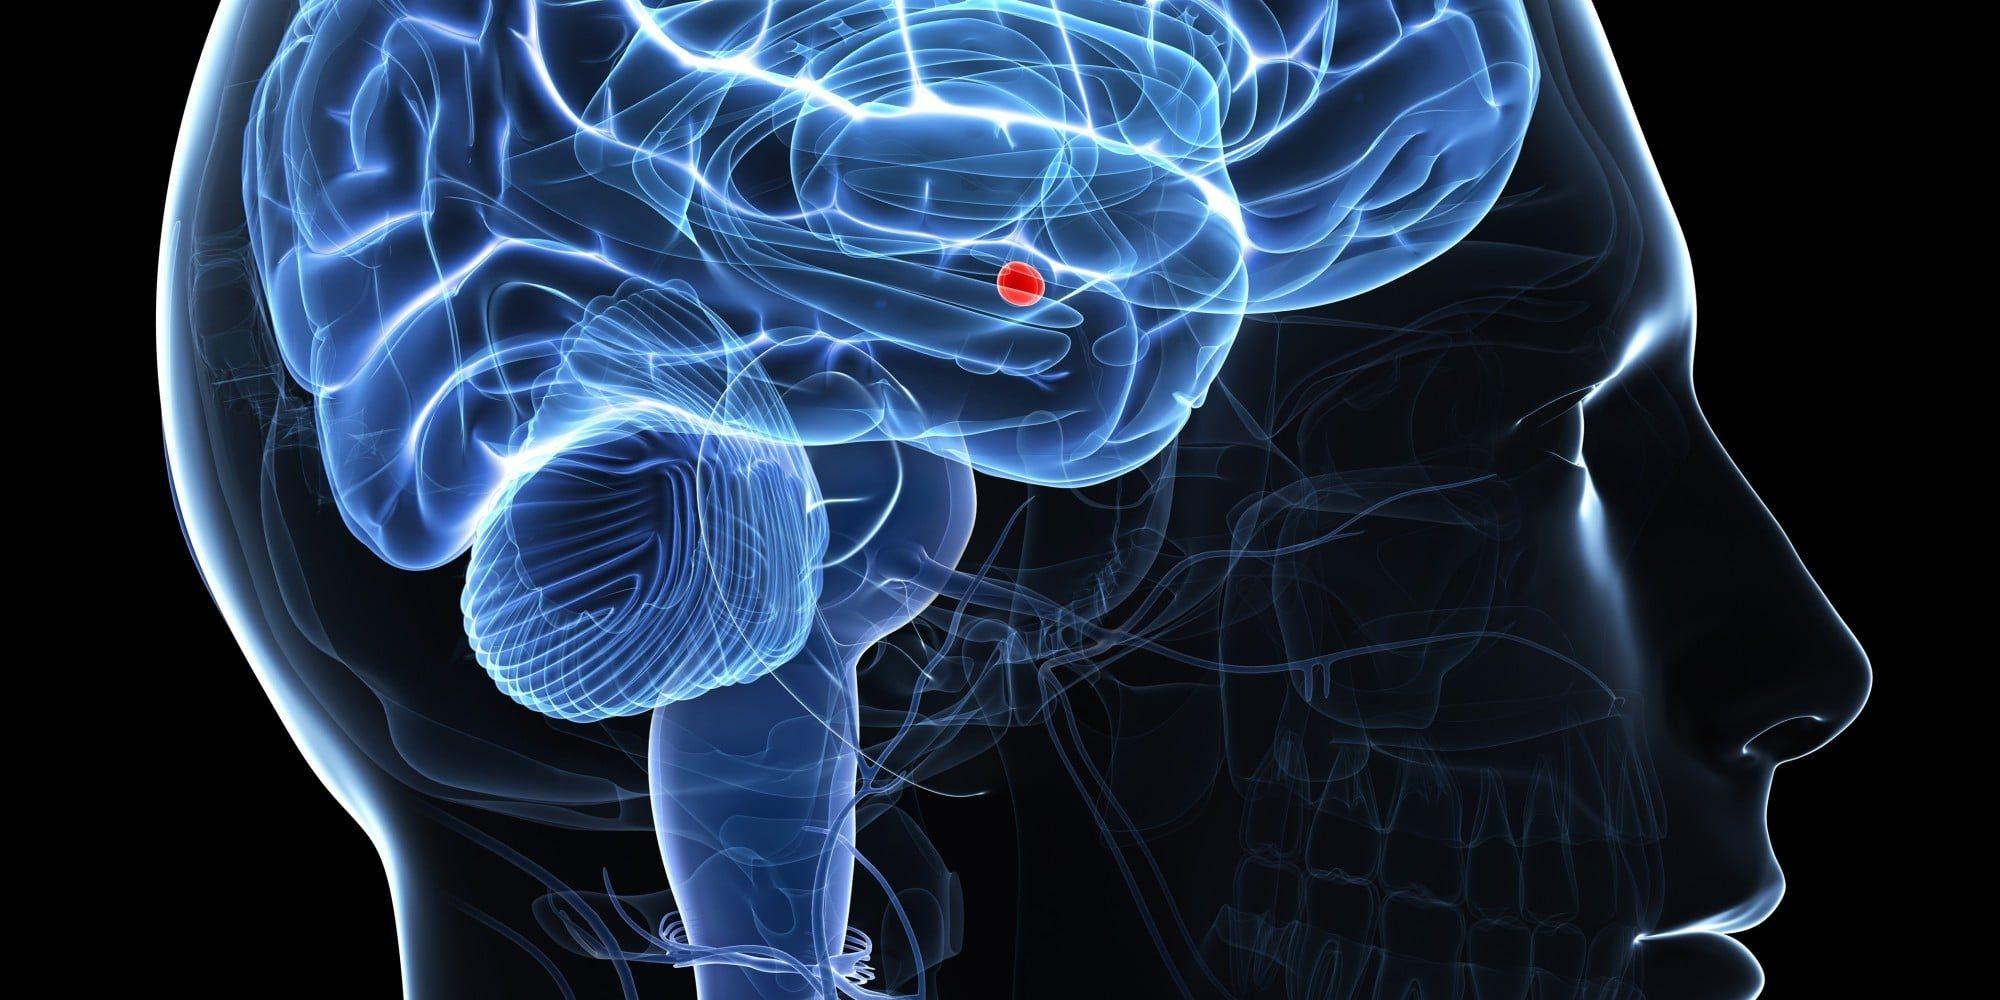 L'amygdale, la peur et la psychologie énergétique : propos au sujet du blog d'un neuroscientifique